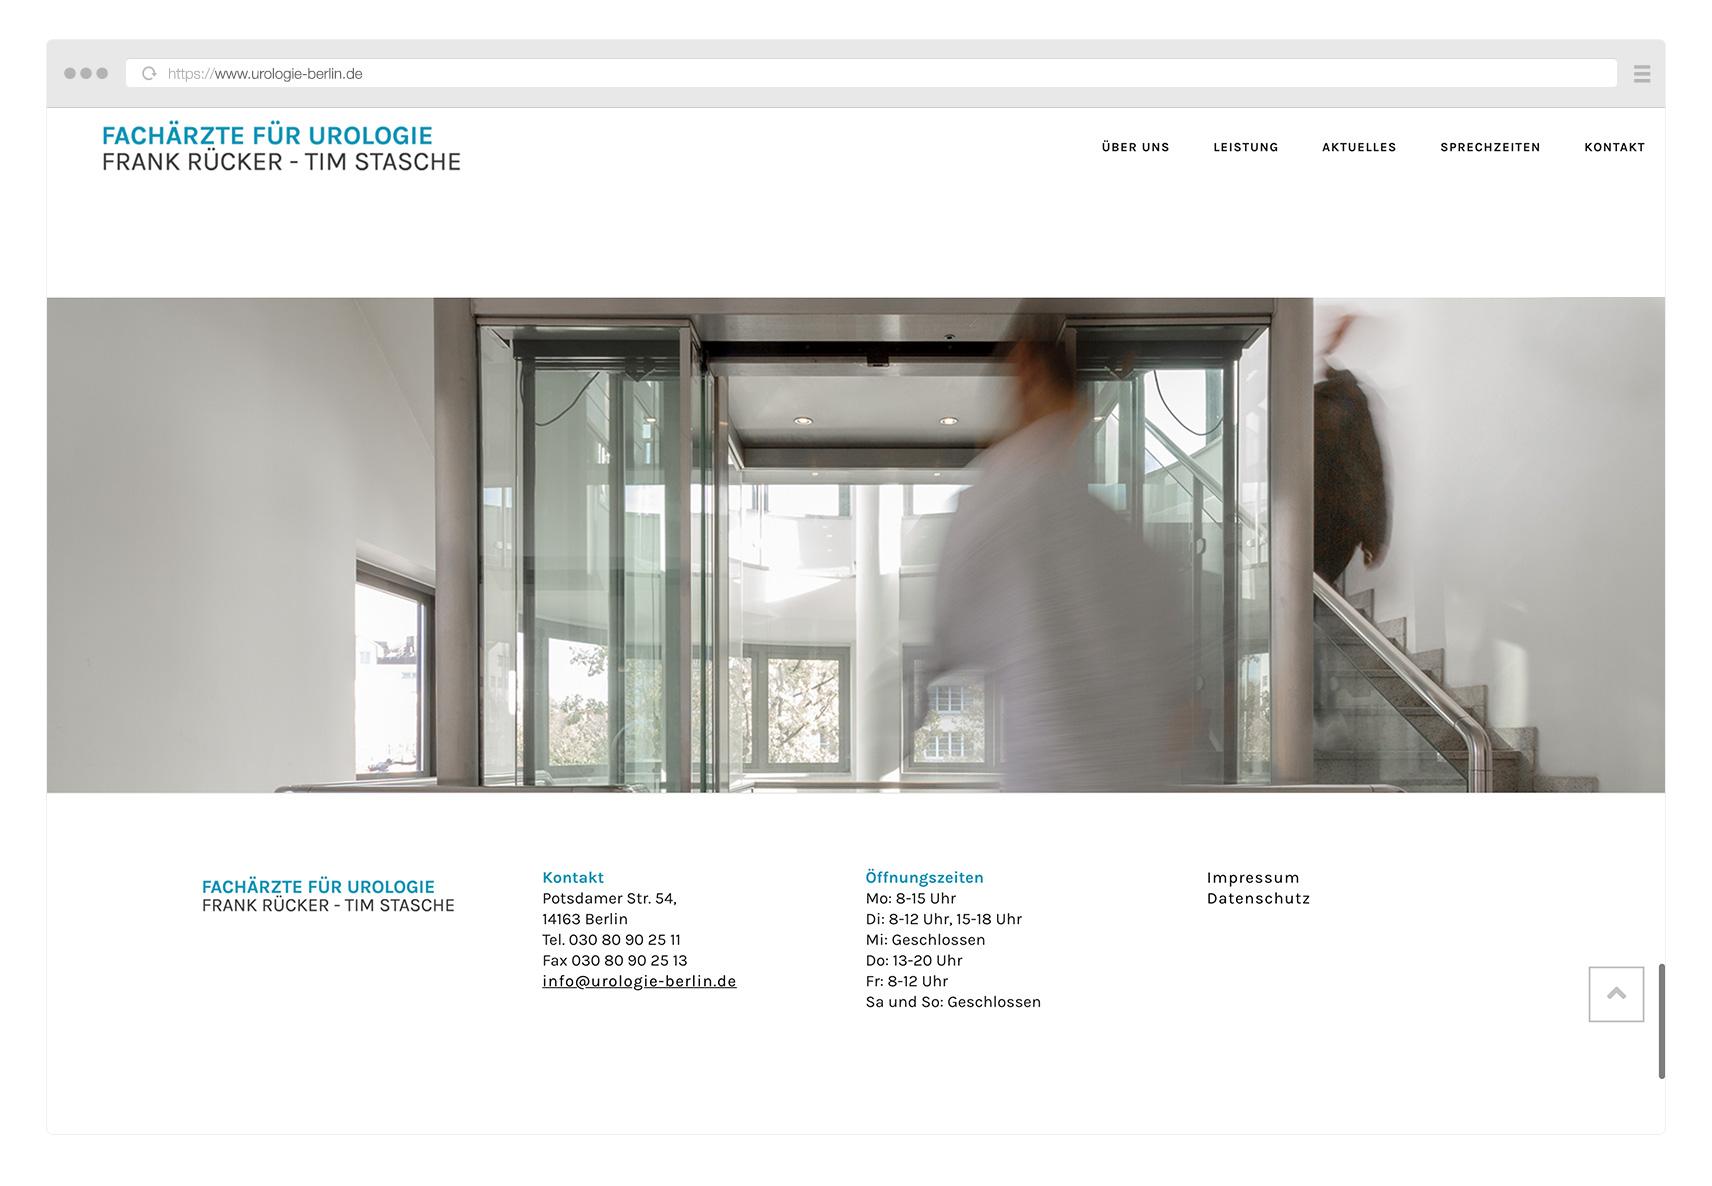 Urologie-Berlin_Frank_Rücker_Website_footer